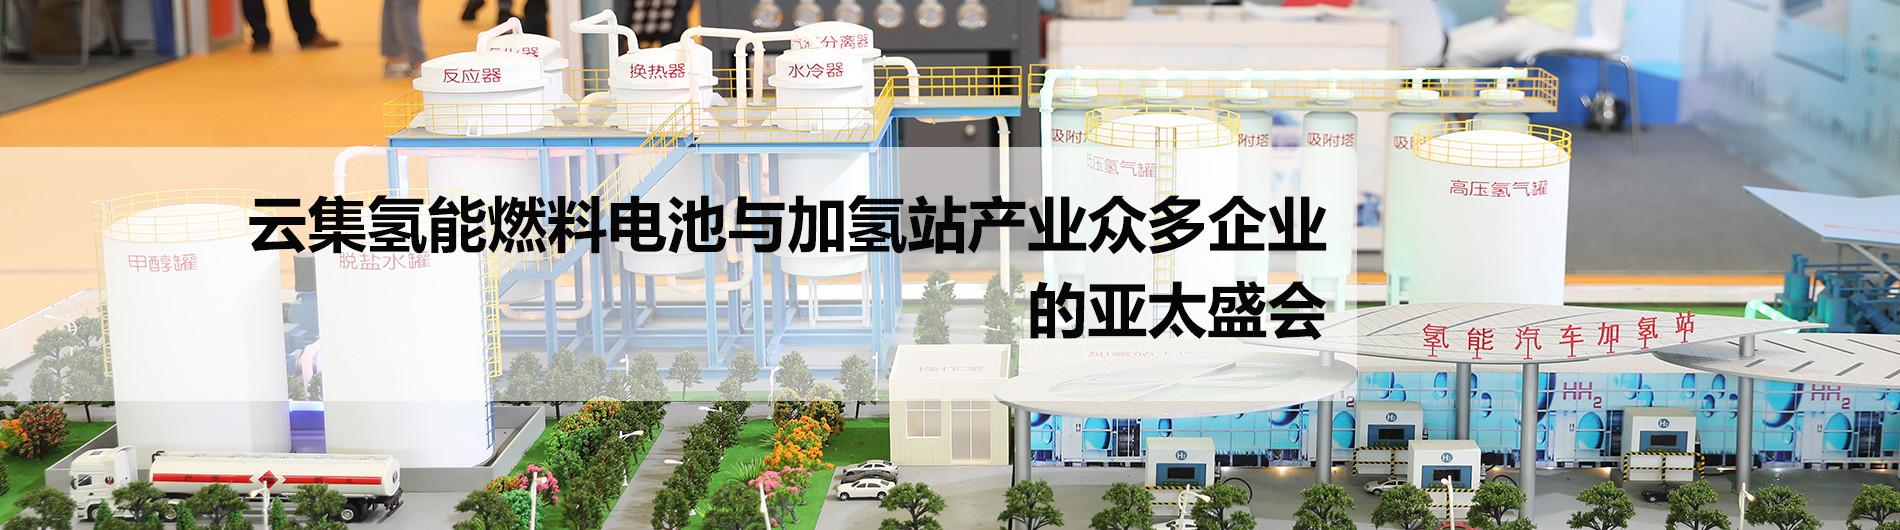 2021第七届中国国际氢能暨燃料电池汽车大会